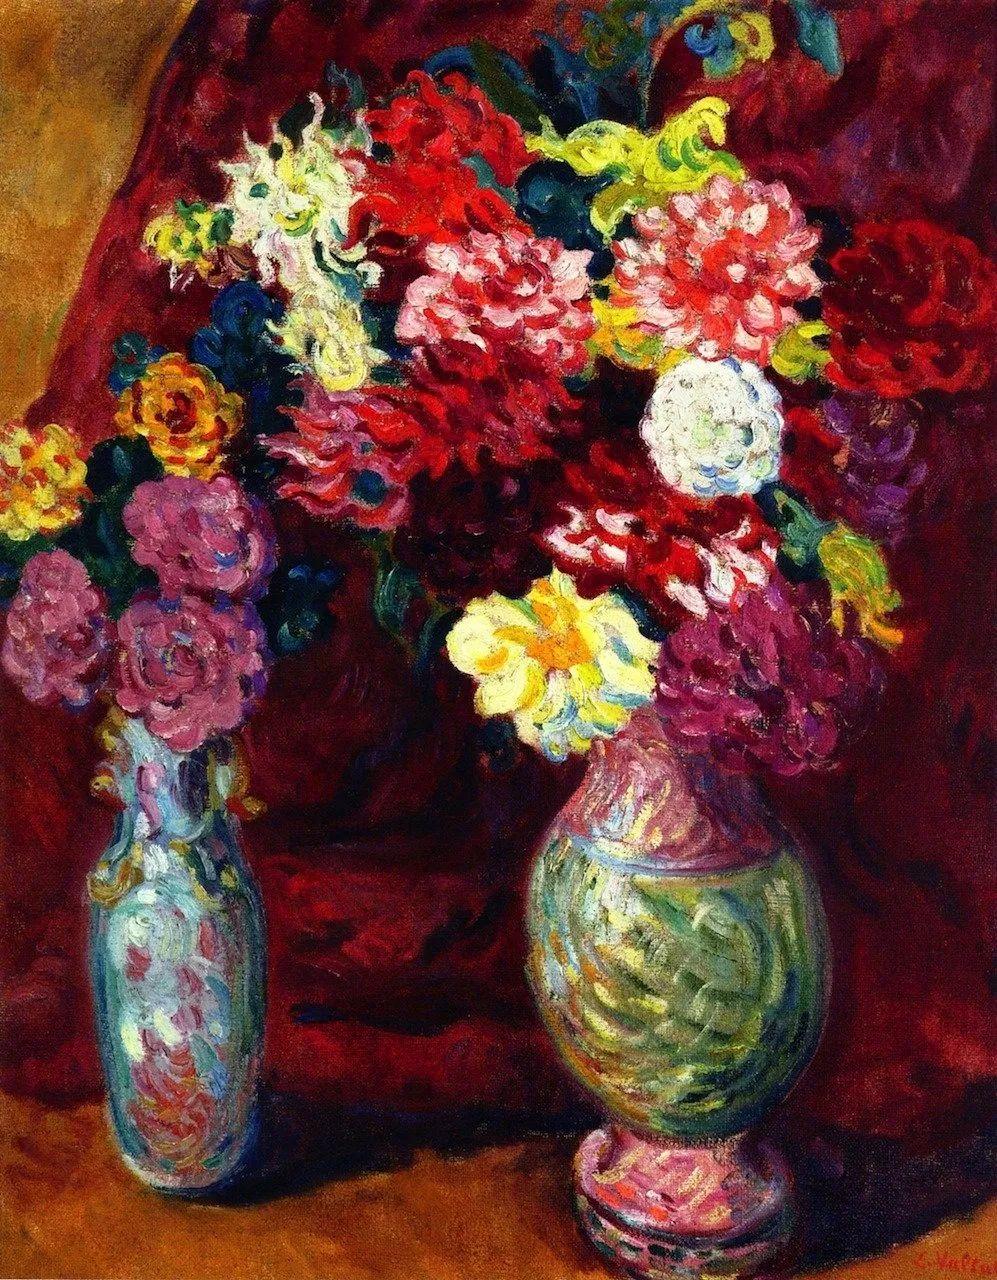 笔触粗犷,色彩令人陶醉,高清花卉作品插图33